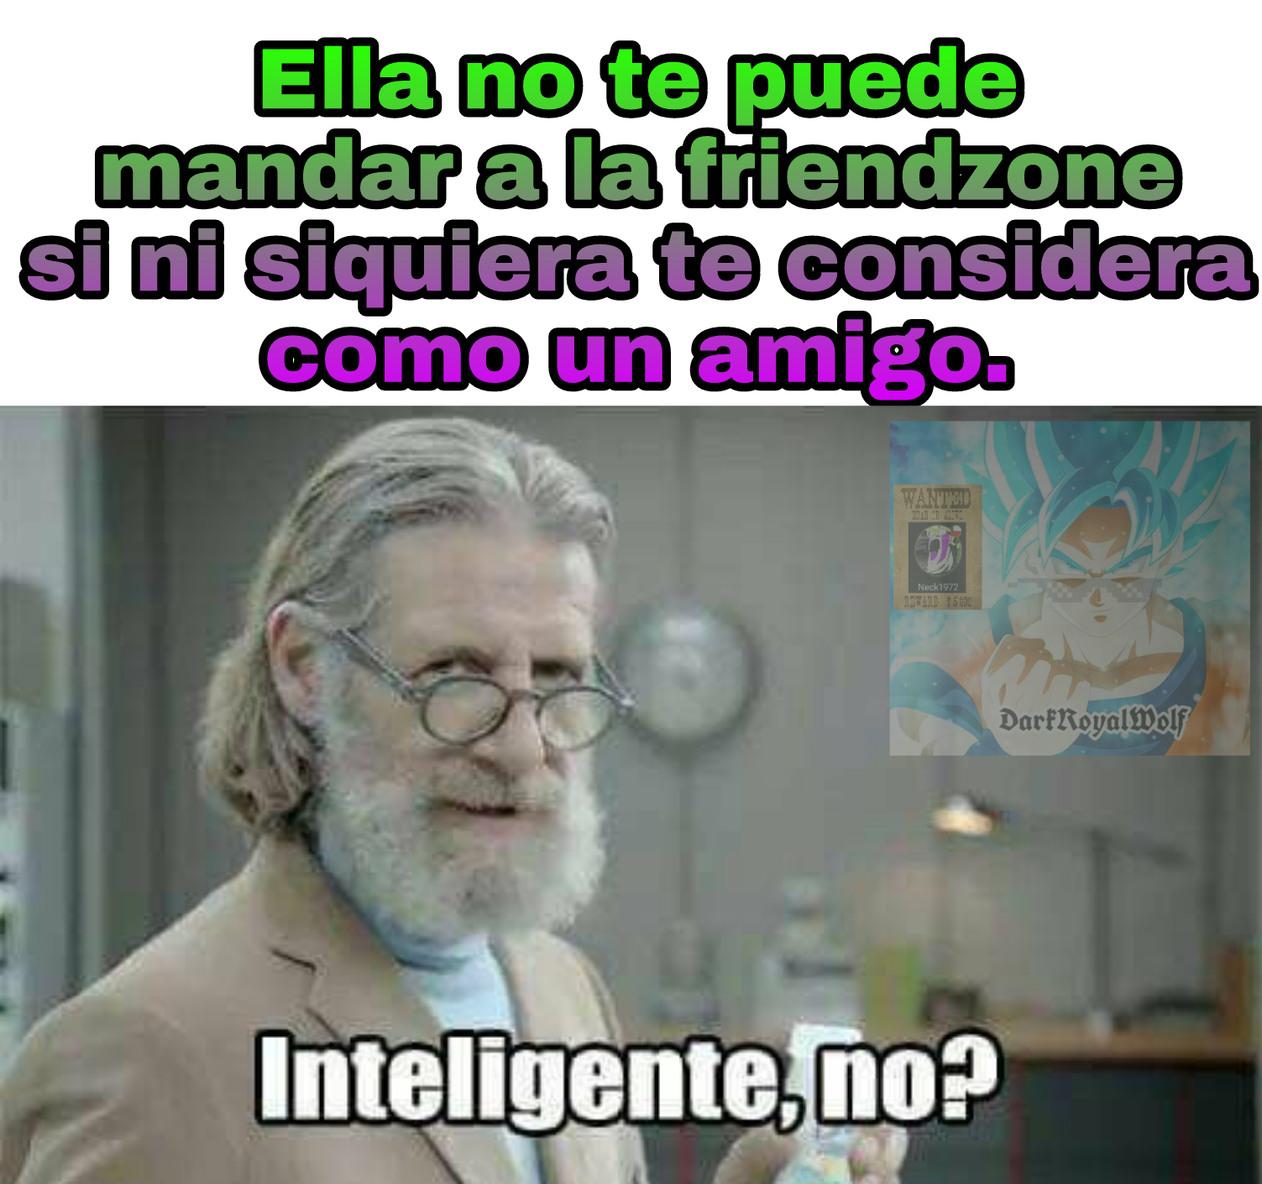 Inteligente, no? :D - meme